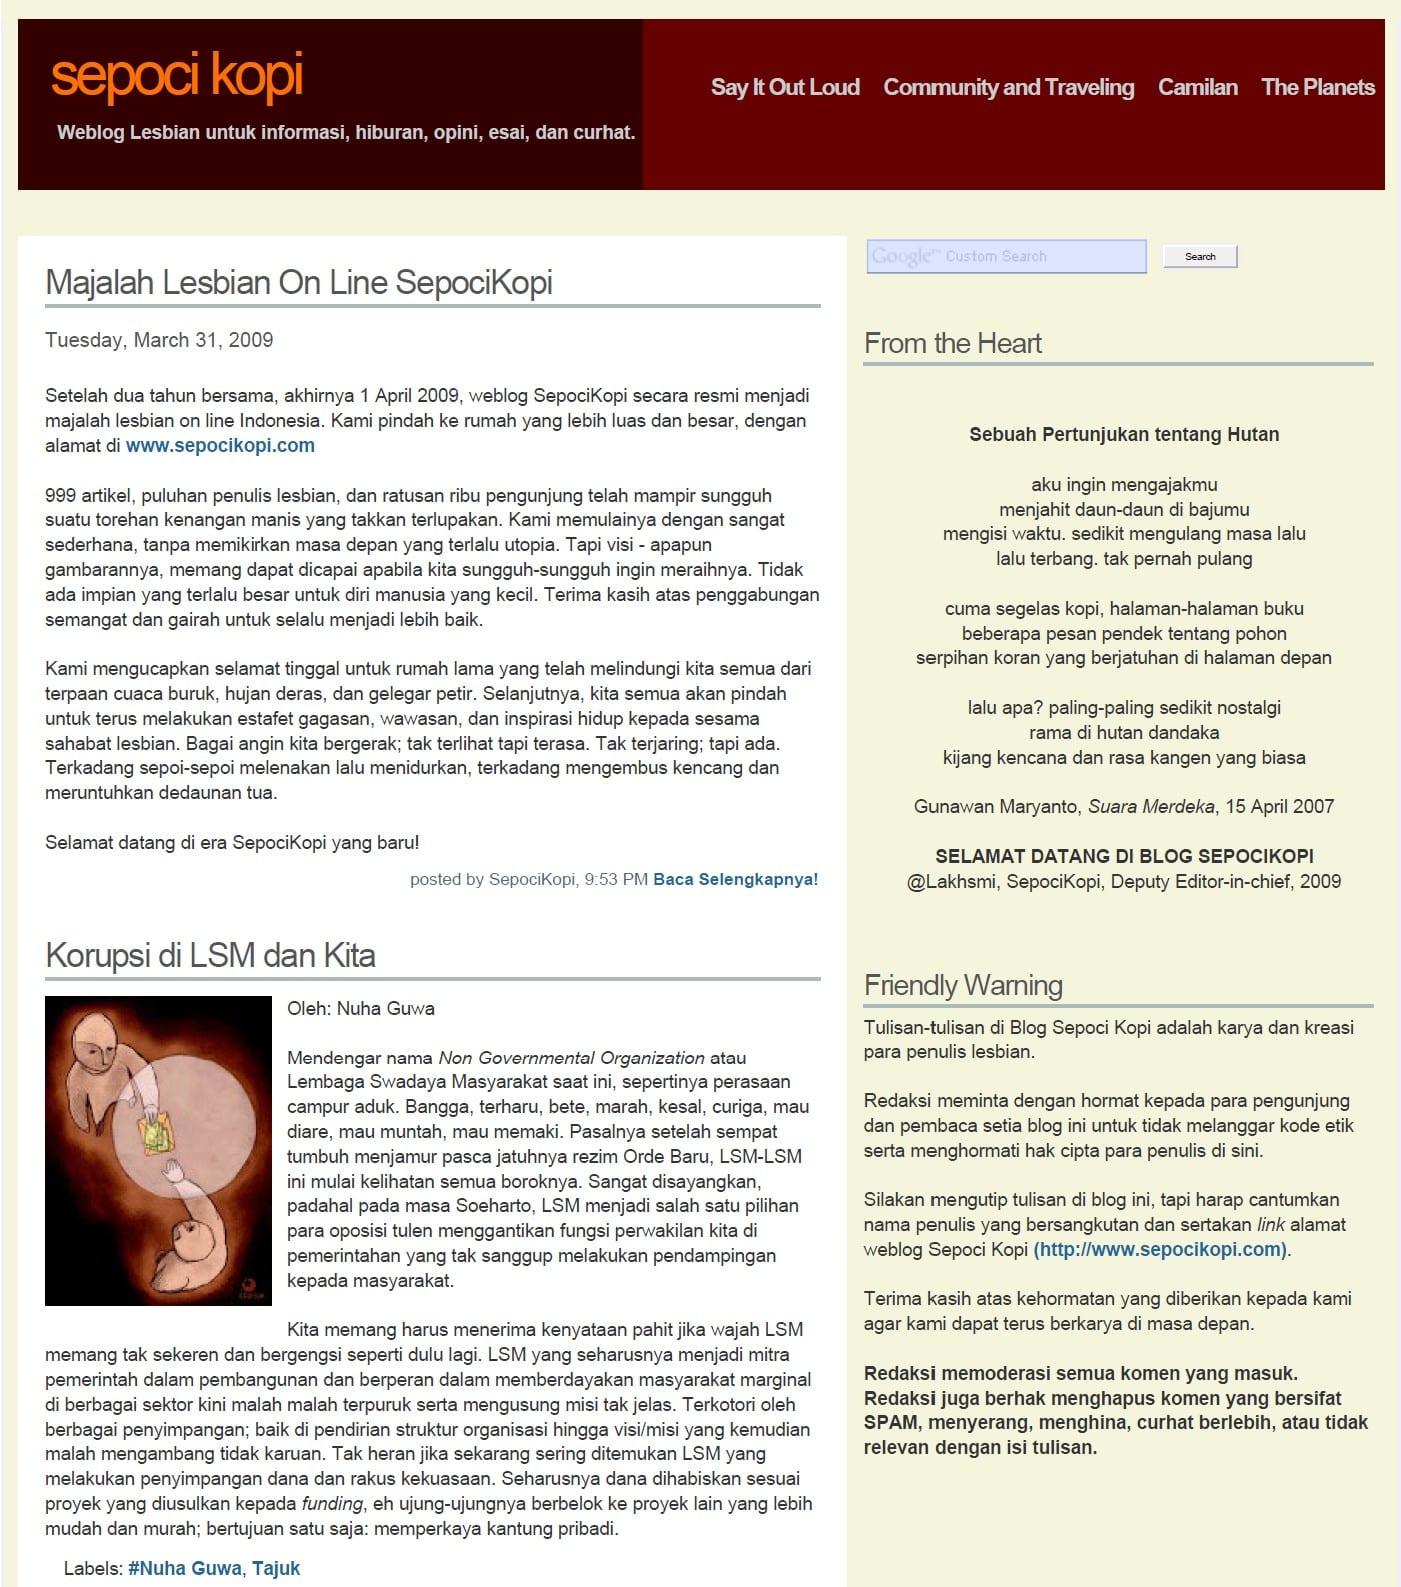 Sepoci Kopi Blogspot 2007